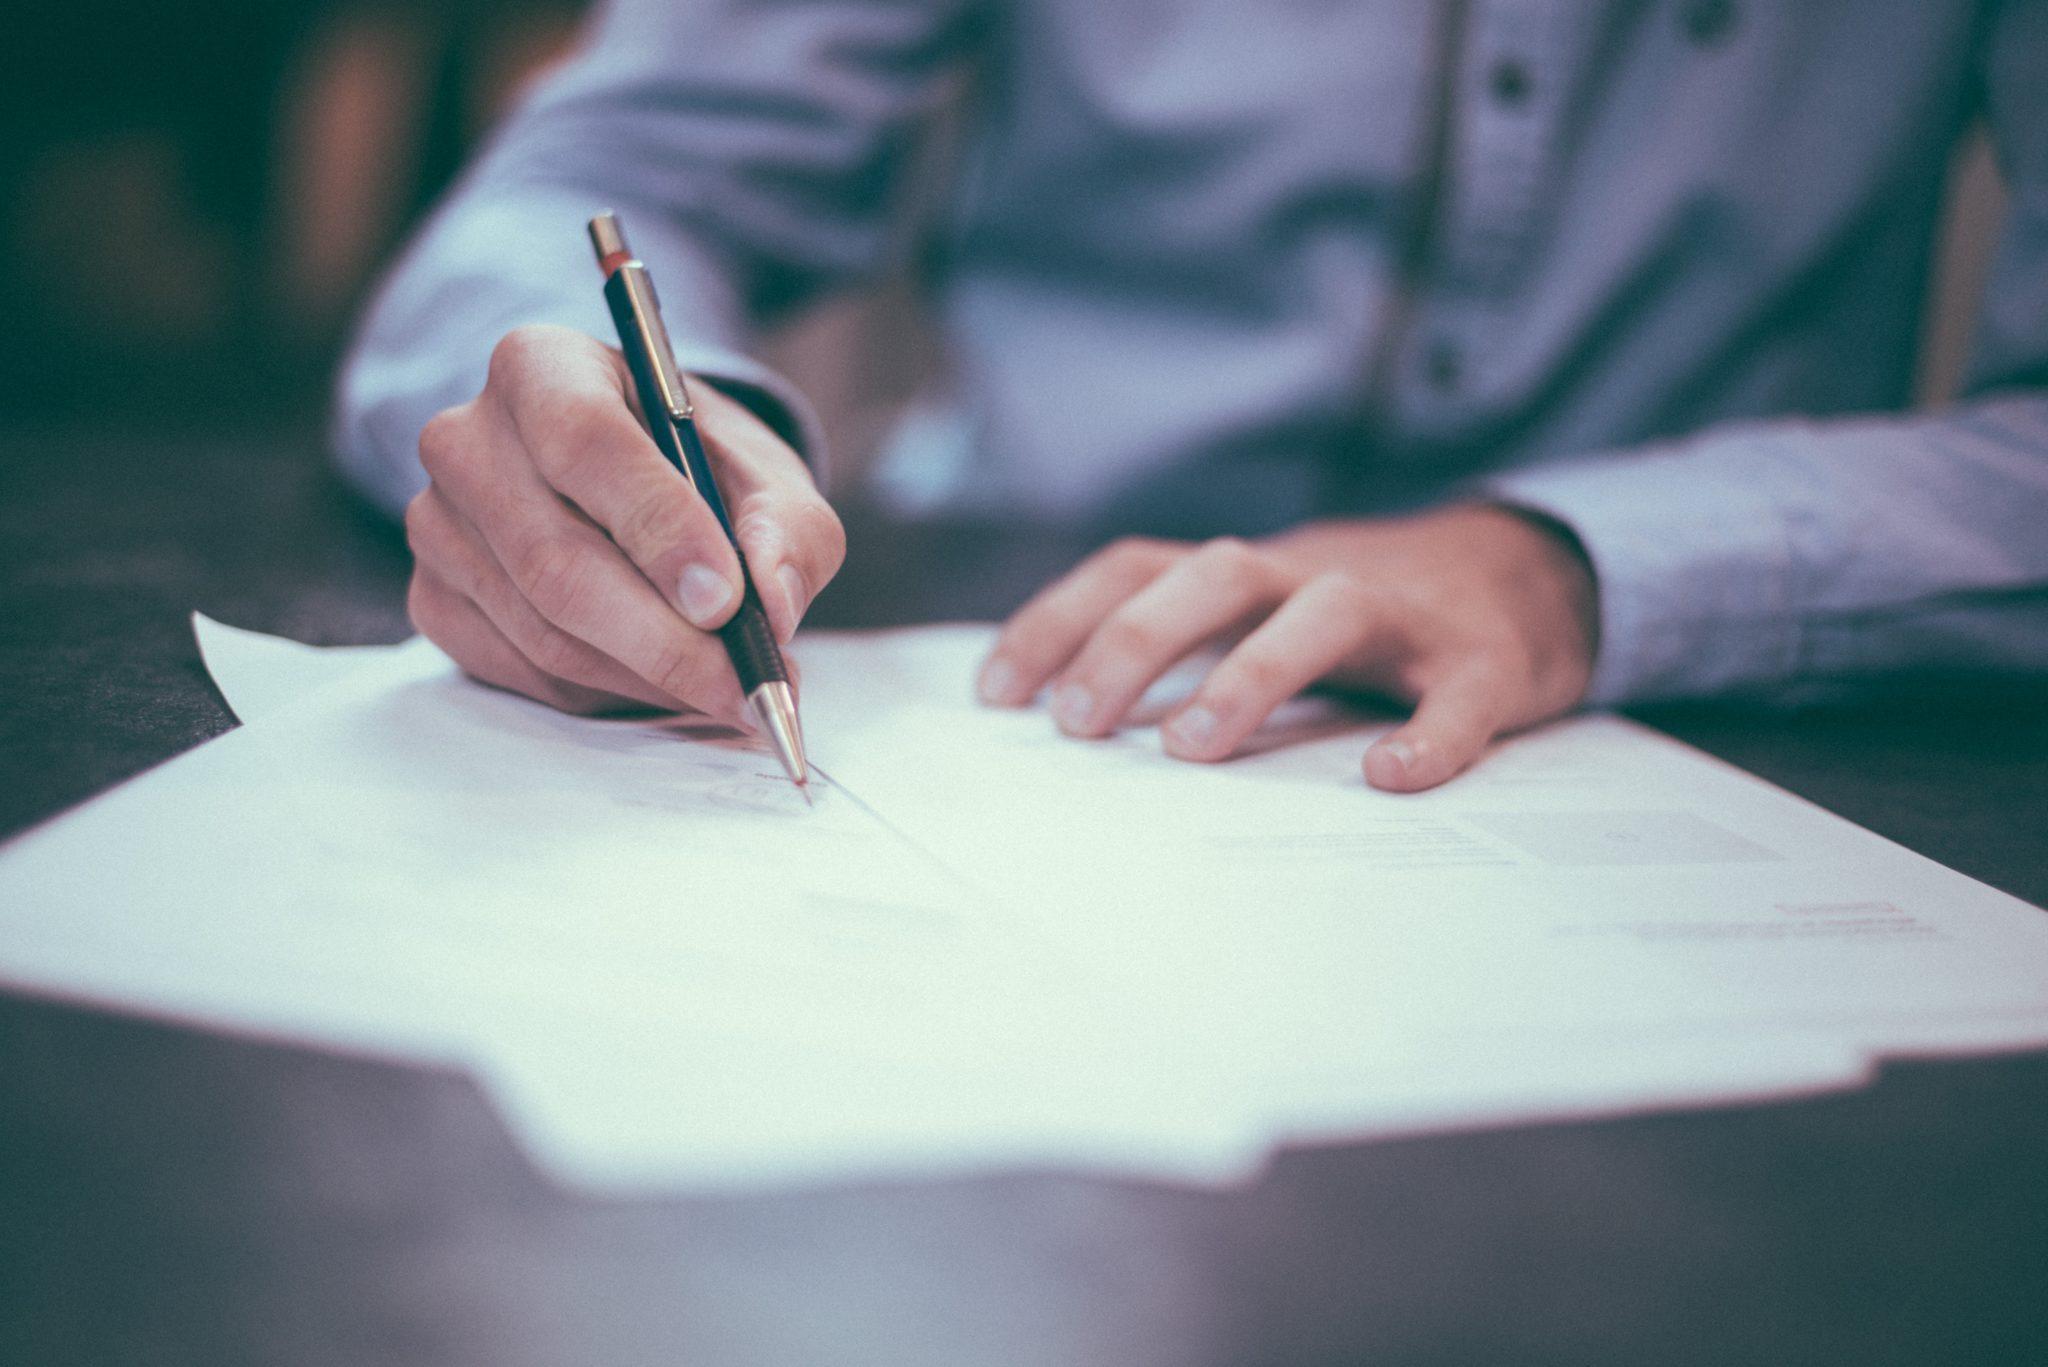 Declaração unilateral de vontade: características, exemplos 1